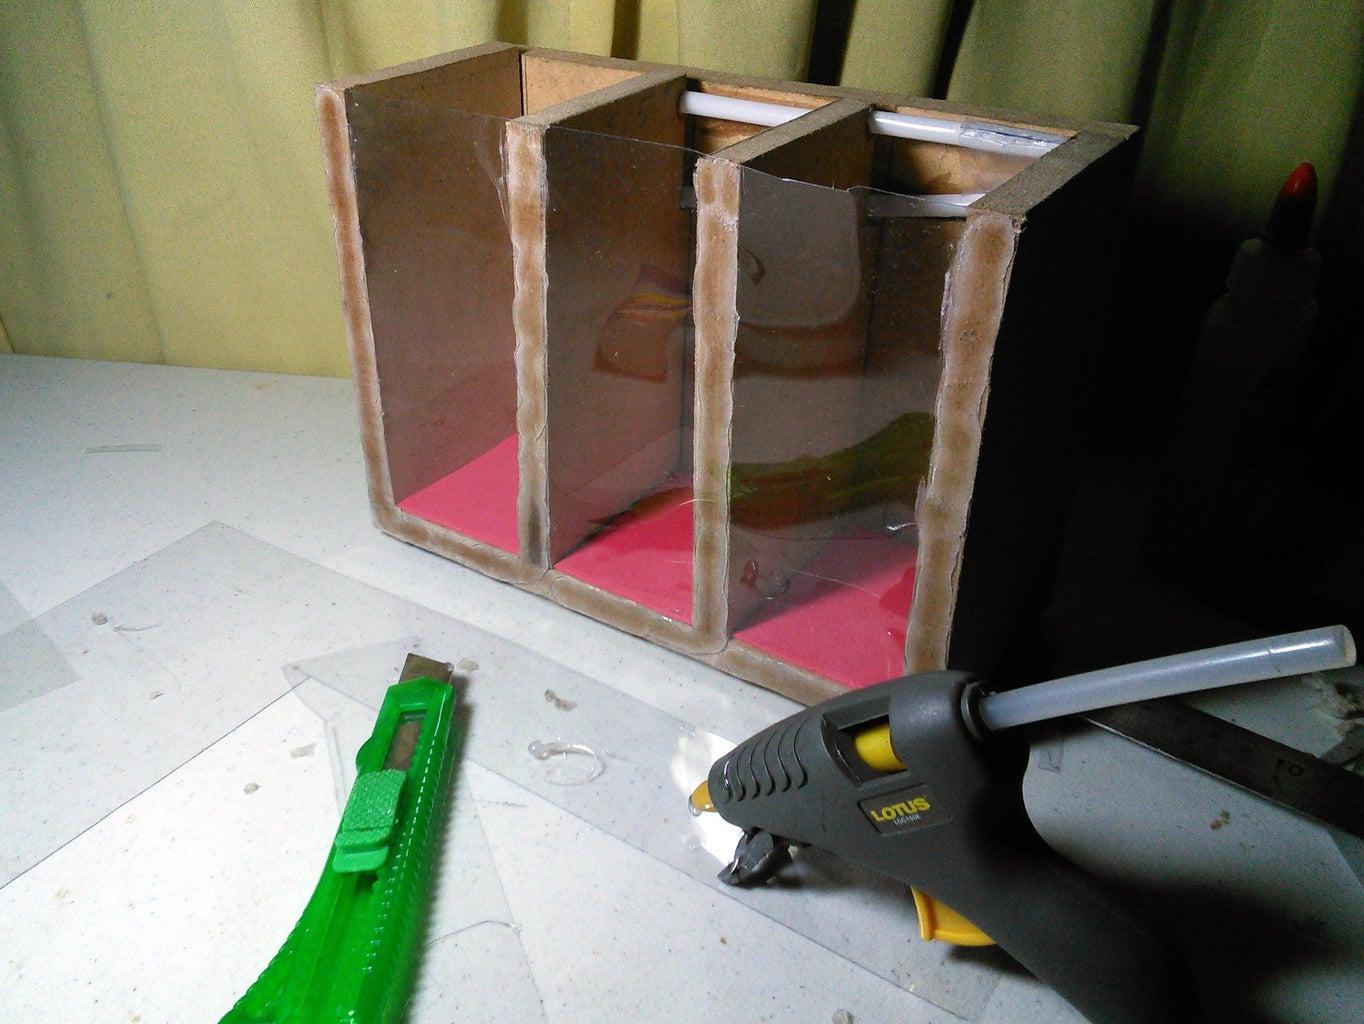 Adding a See-Through Wall